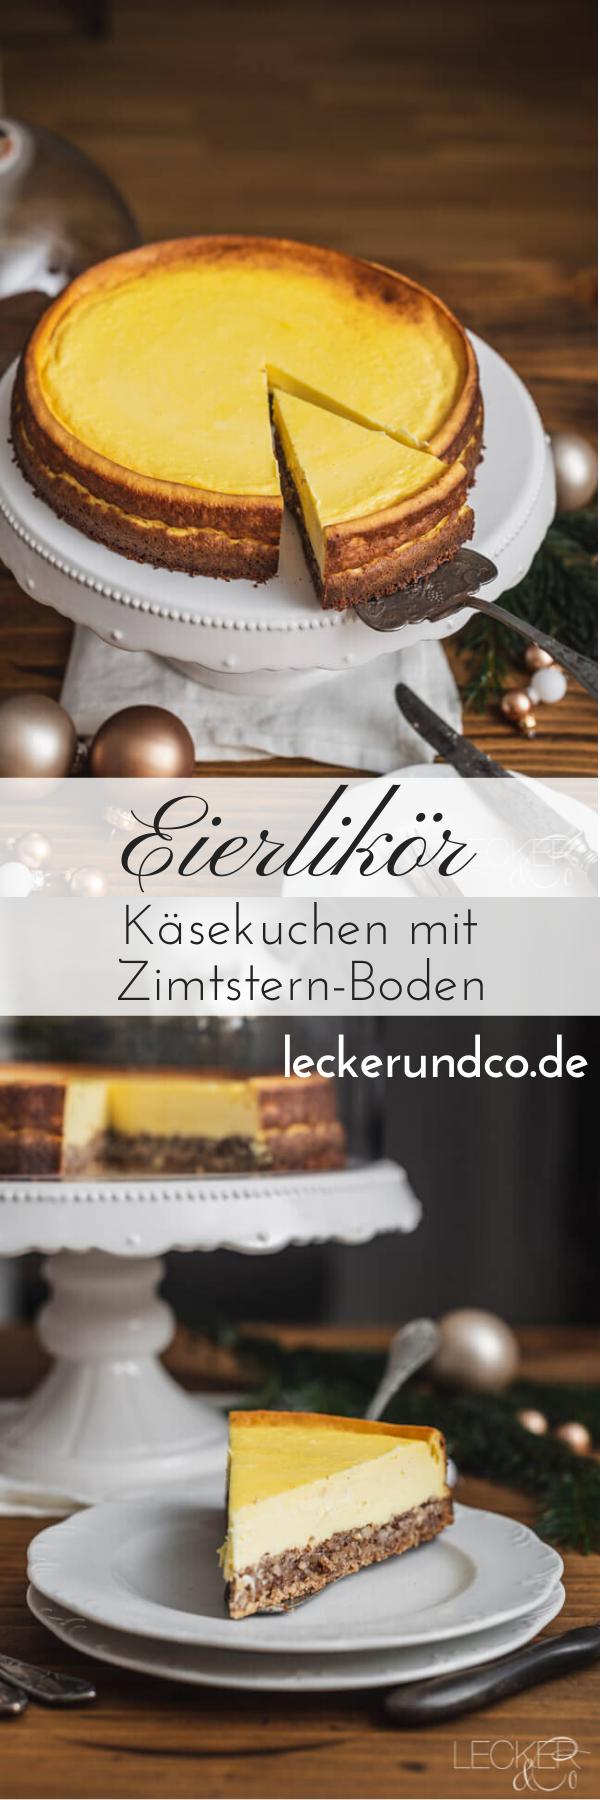 LECKER&Co   Foodblog aus Nürnberg   Frisch, lecker, saisonal und regional kochen und backen - ohne F